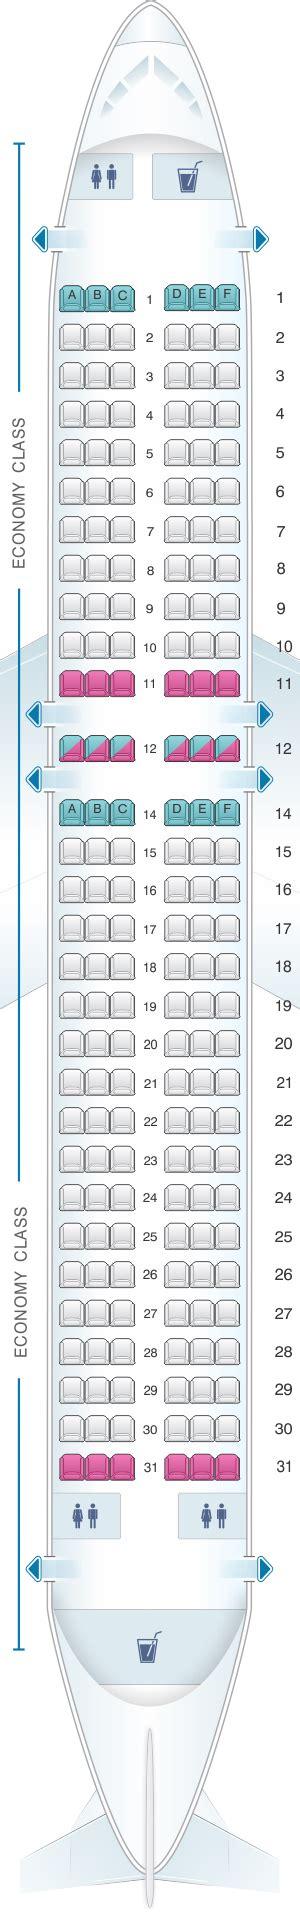 cabine avec siege plan de cabine vueling airbus a320 seatmaestro fr